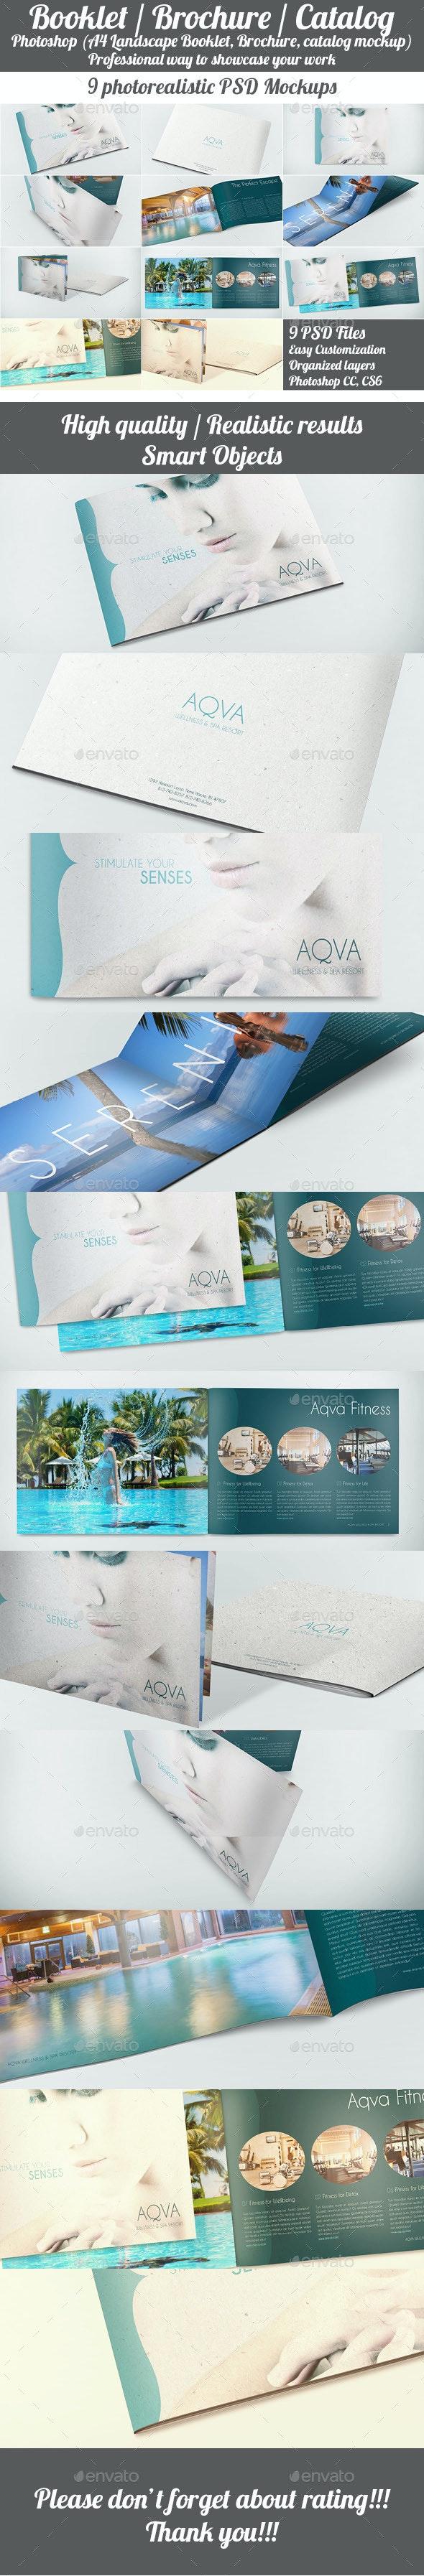 Landscape Booklet / Brochure / Catalog Mockup - Brochures Print